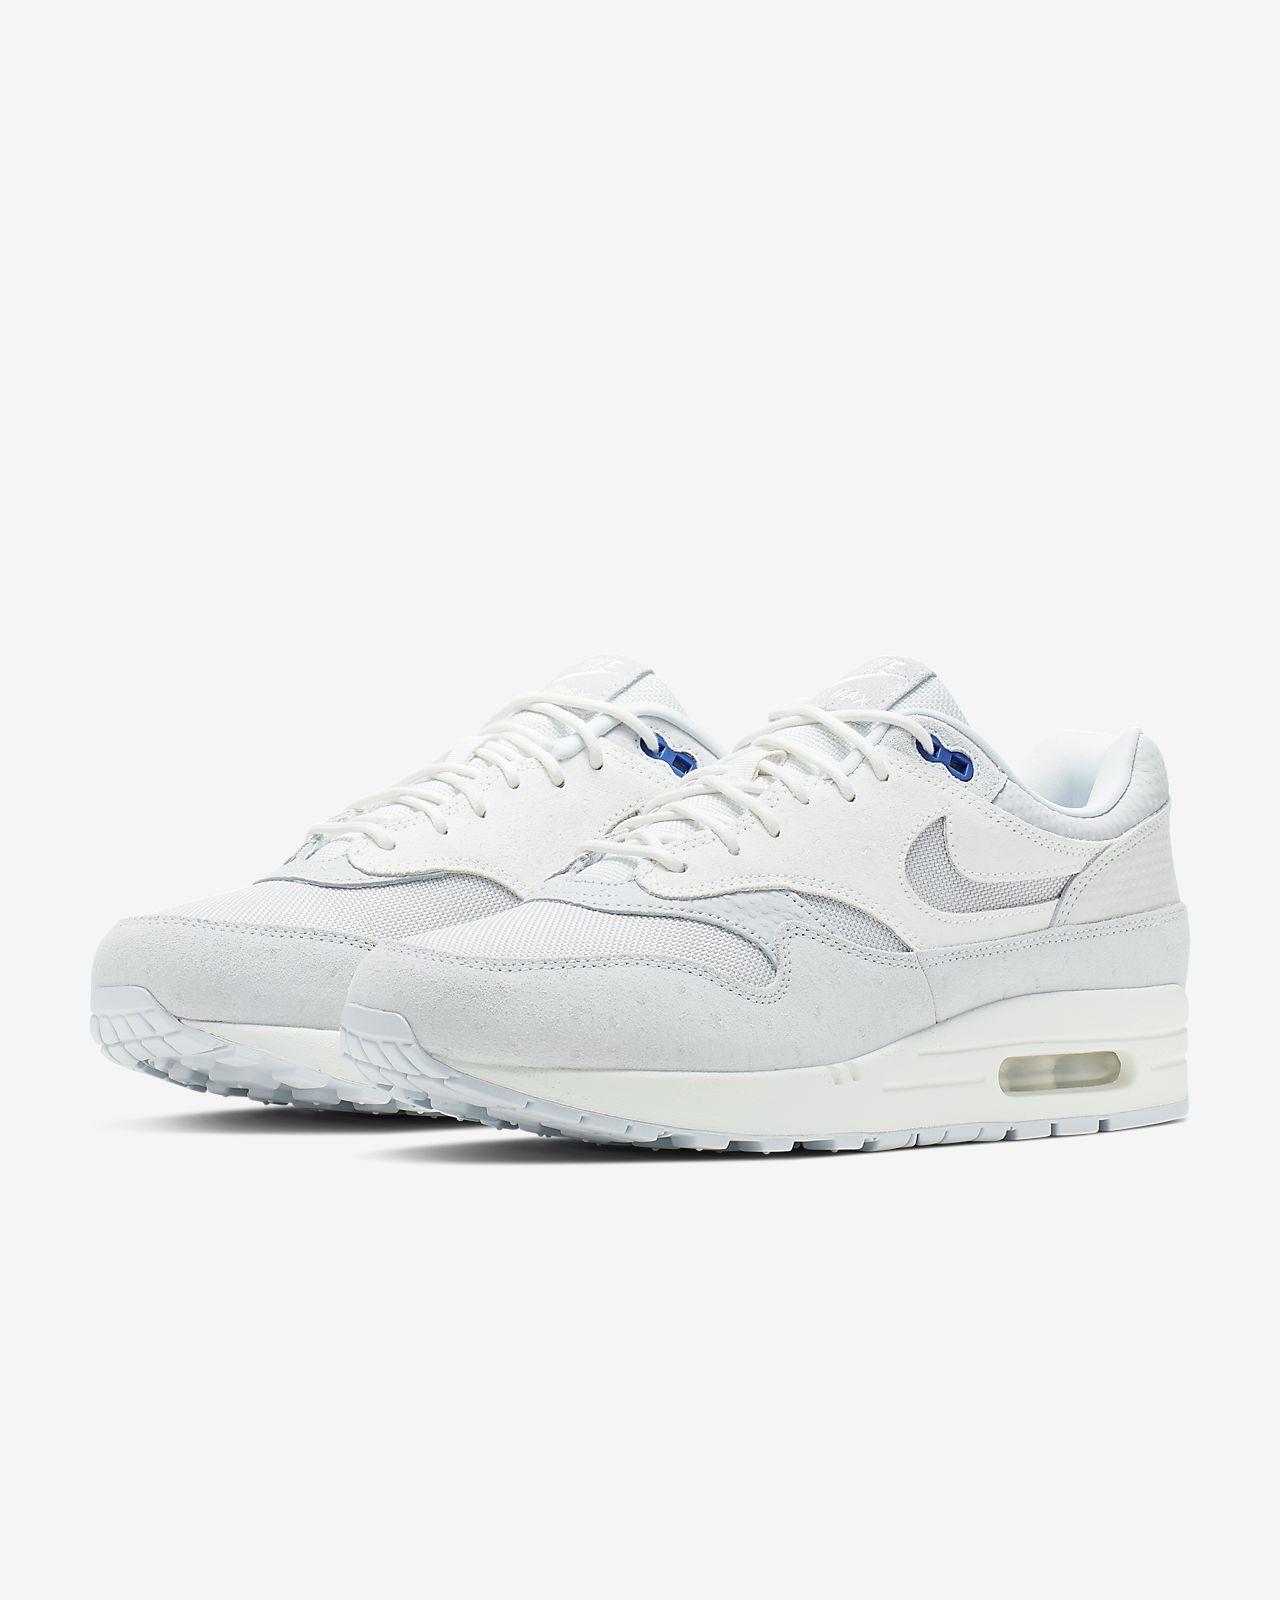 pretty nice 541b6 cd6cf ... Nike Air Max 1 Premium Men s Shoe